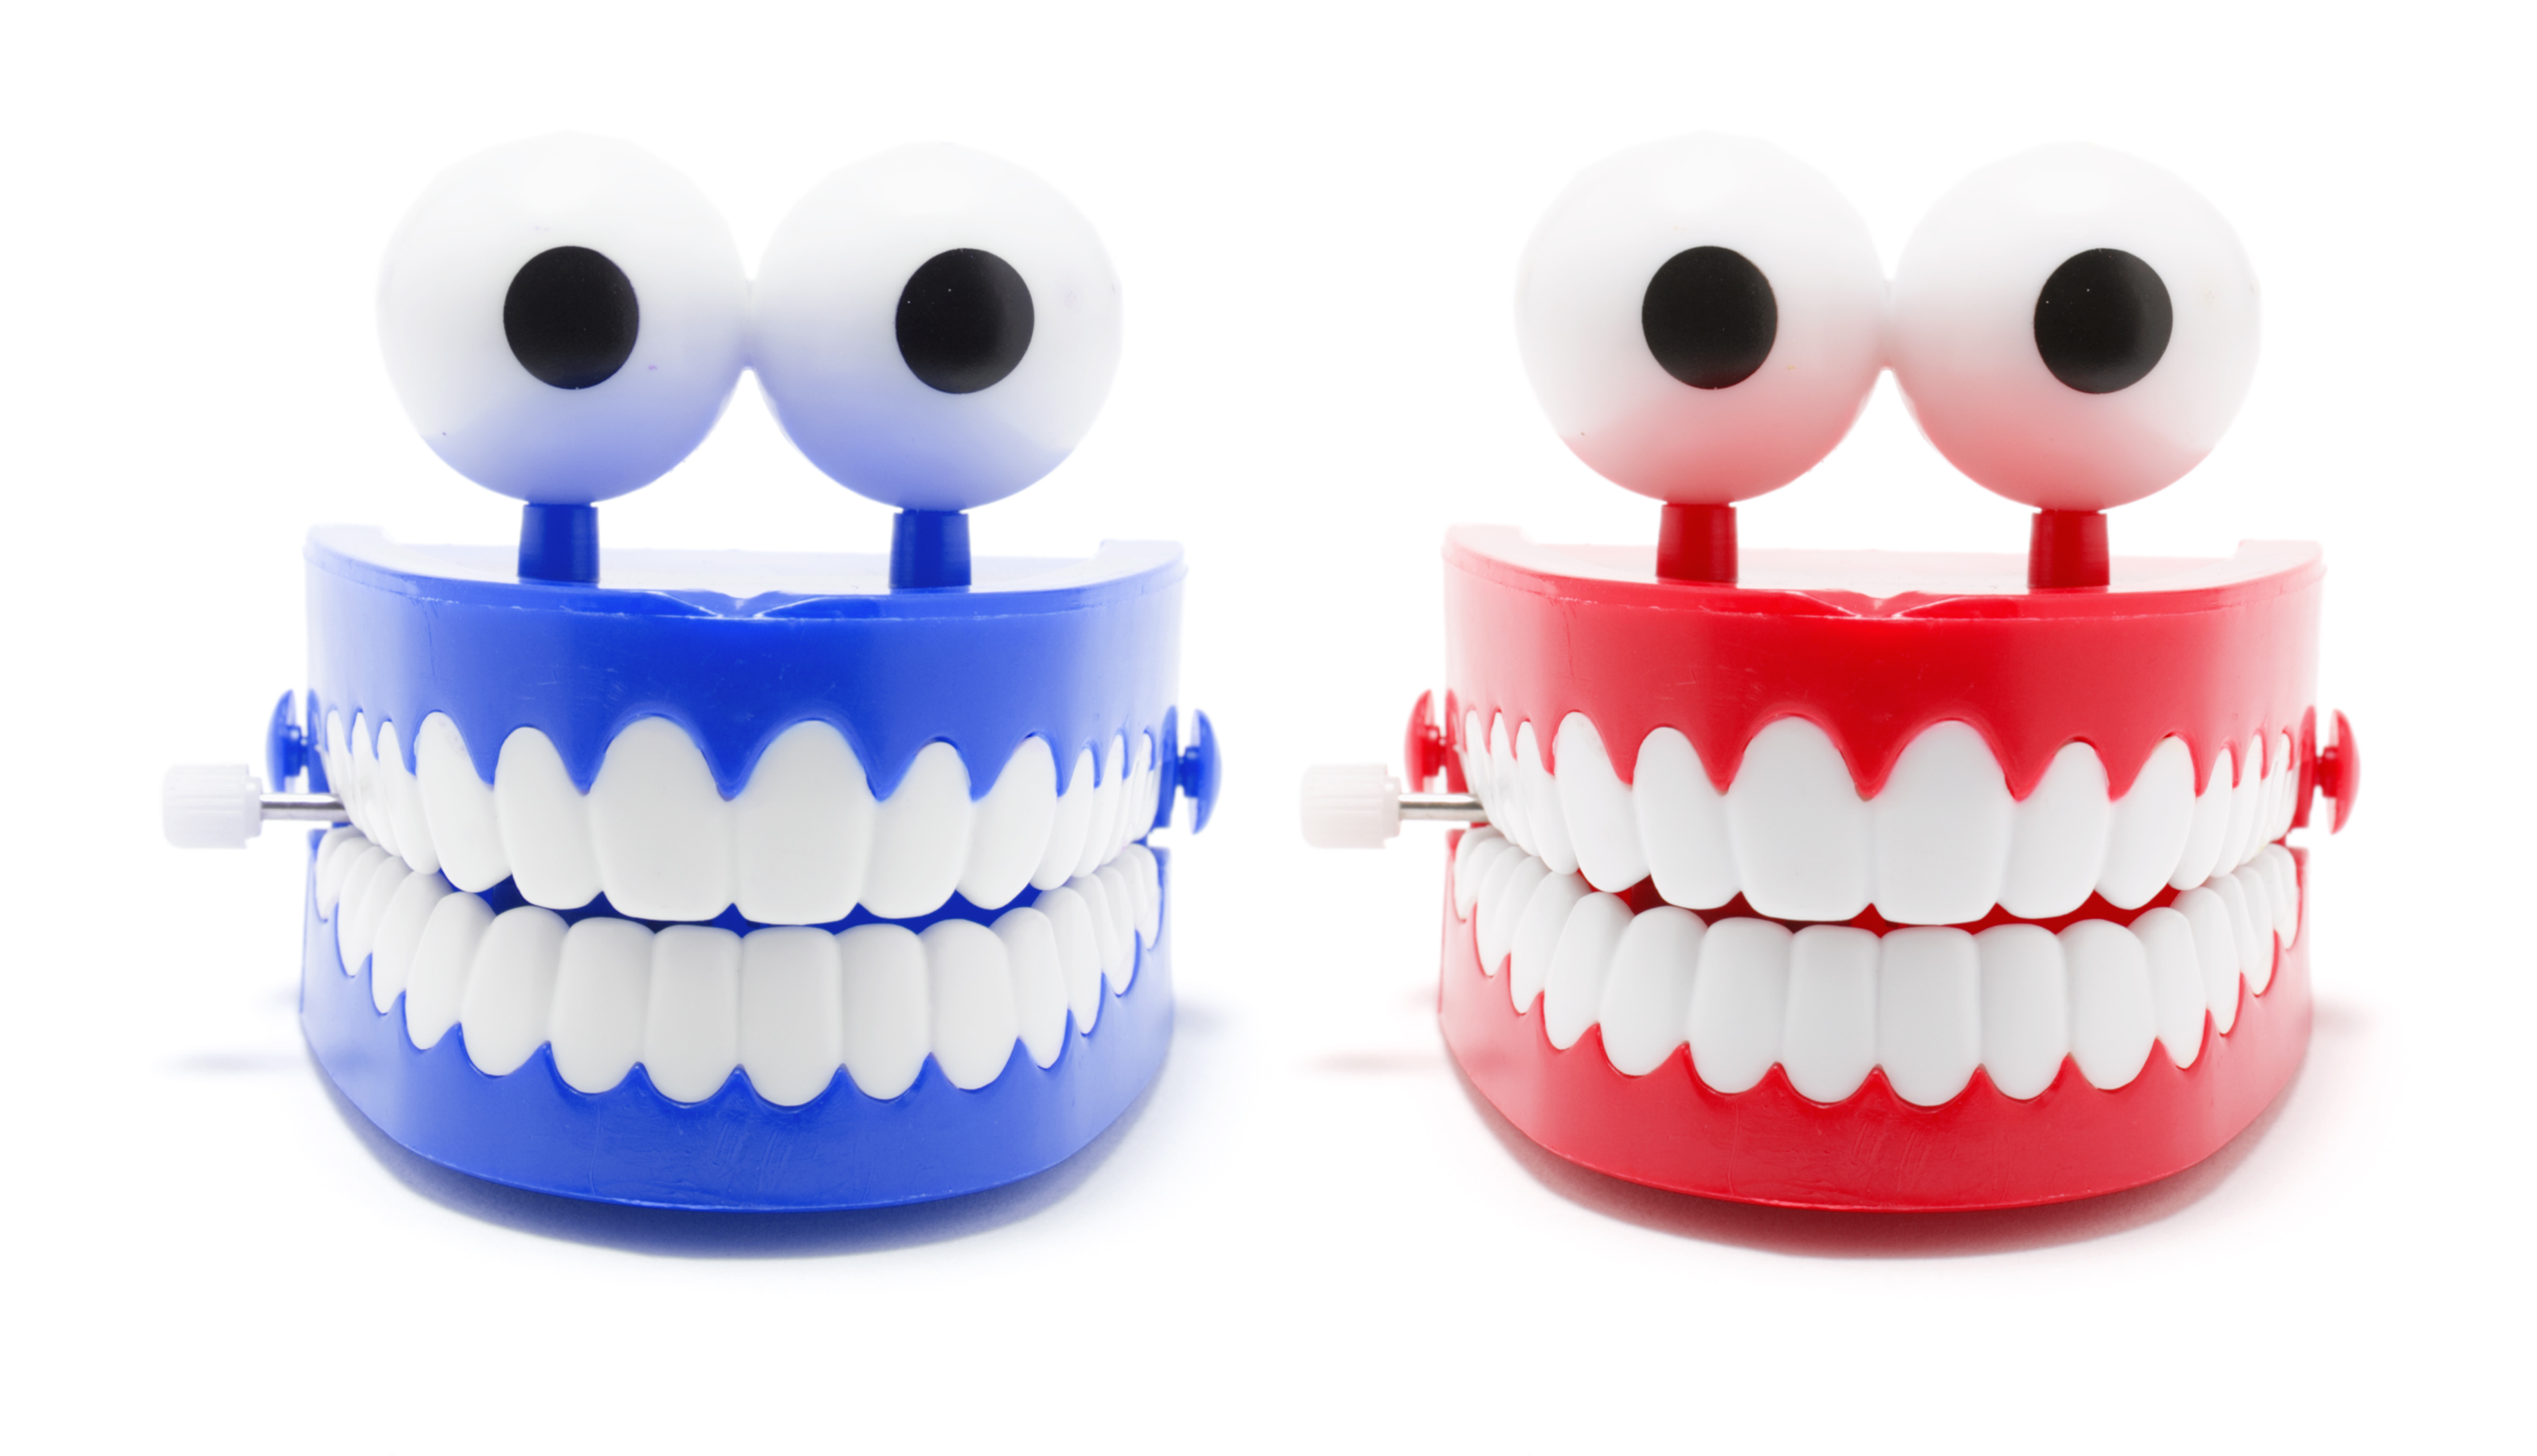 השתלת שיניים עדיפה על שיניים תותבות